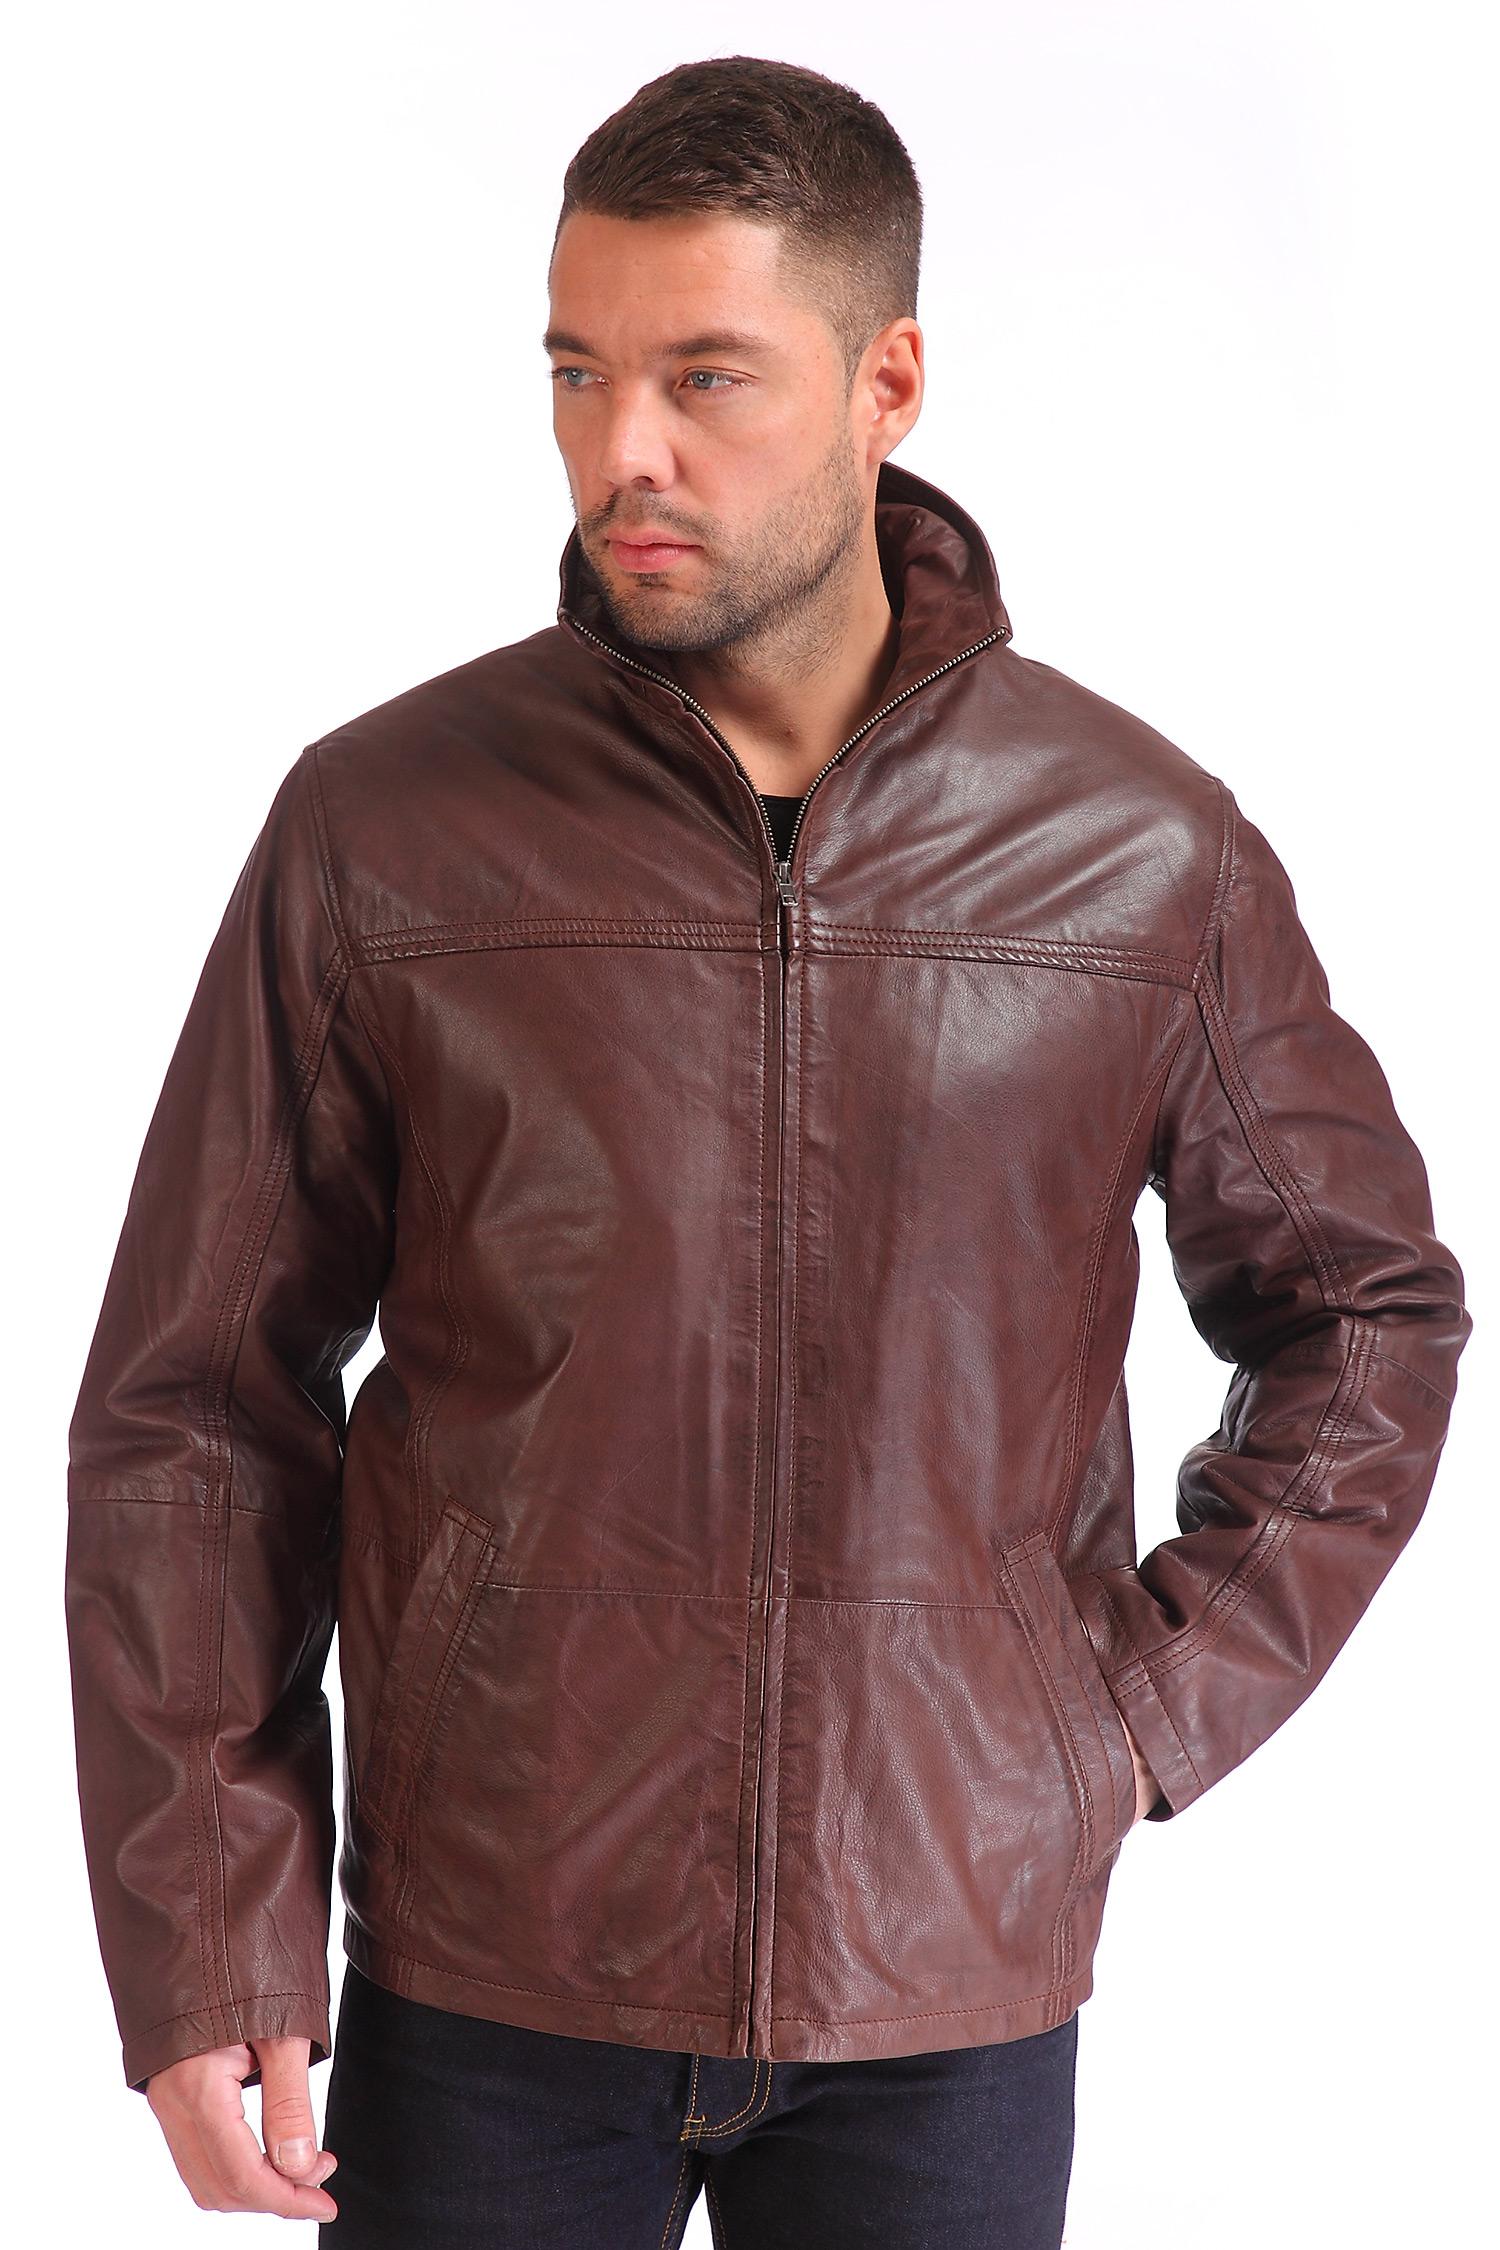 Мужская кожаная куртка из натуральной кожи с воротником, без отделки<br><br>Воротник: Стойка<br>Материал: Натуральная кожа<br>Длина см: 70<br>Цвет: Коричневый<br>Пол: Мужской<br>Размер RU: 52-54